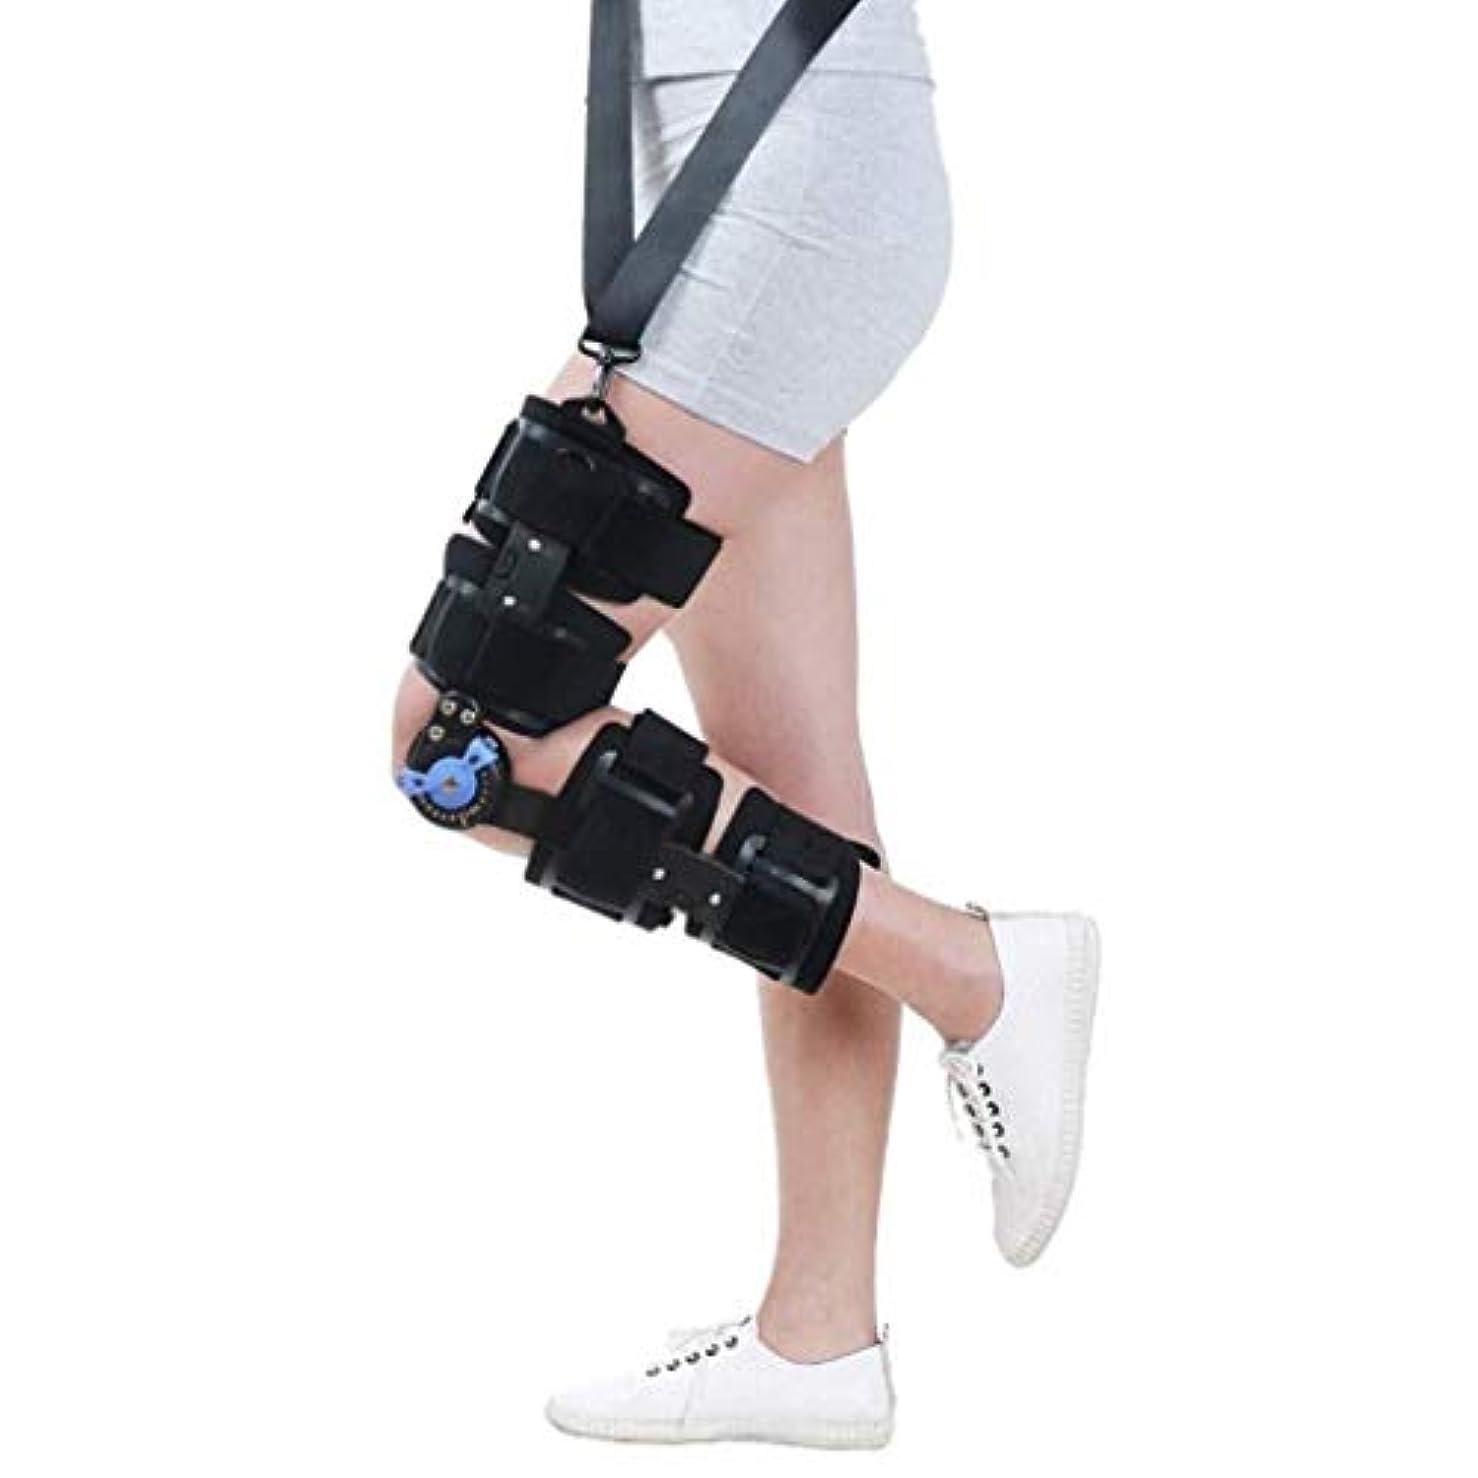 ブレーク火曜日コンソールヒンジ付き膝装具-怪我、治療、サポート、痛みの軽減のための調節可能な靭帯サポート (Color : As Picture, Size : Left)